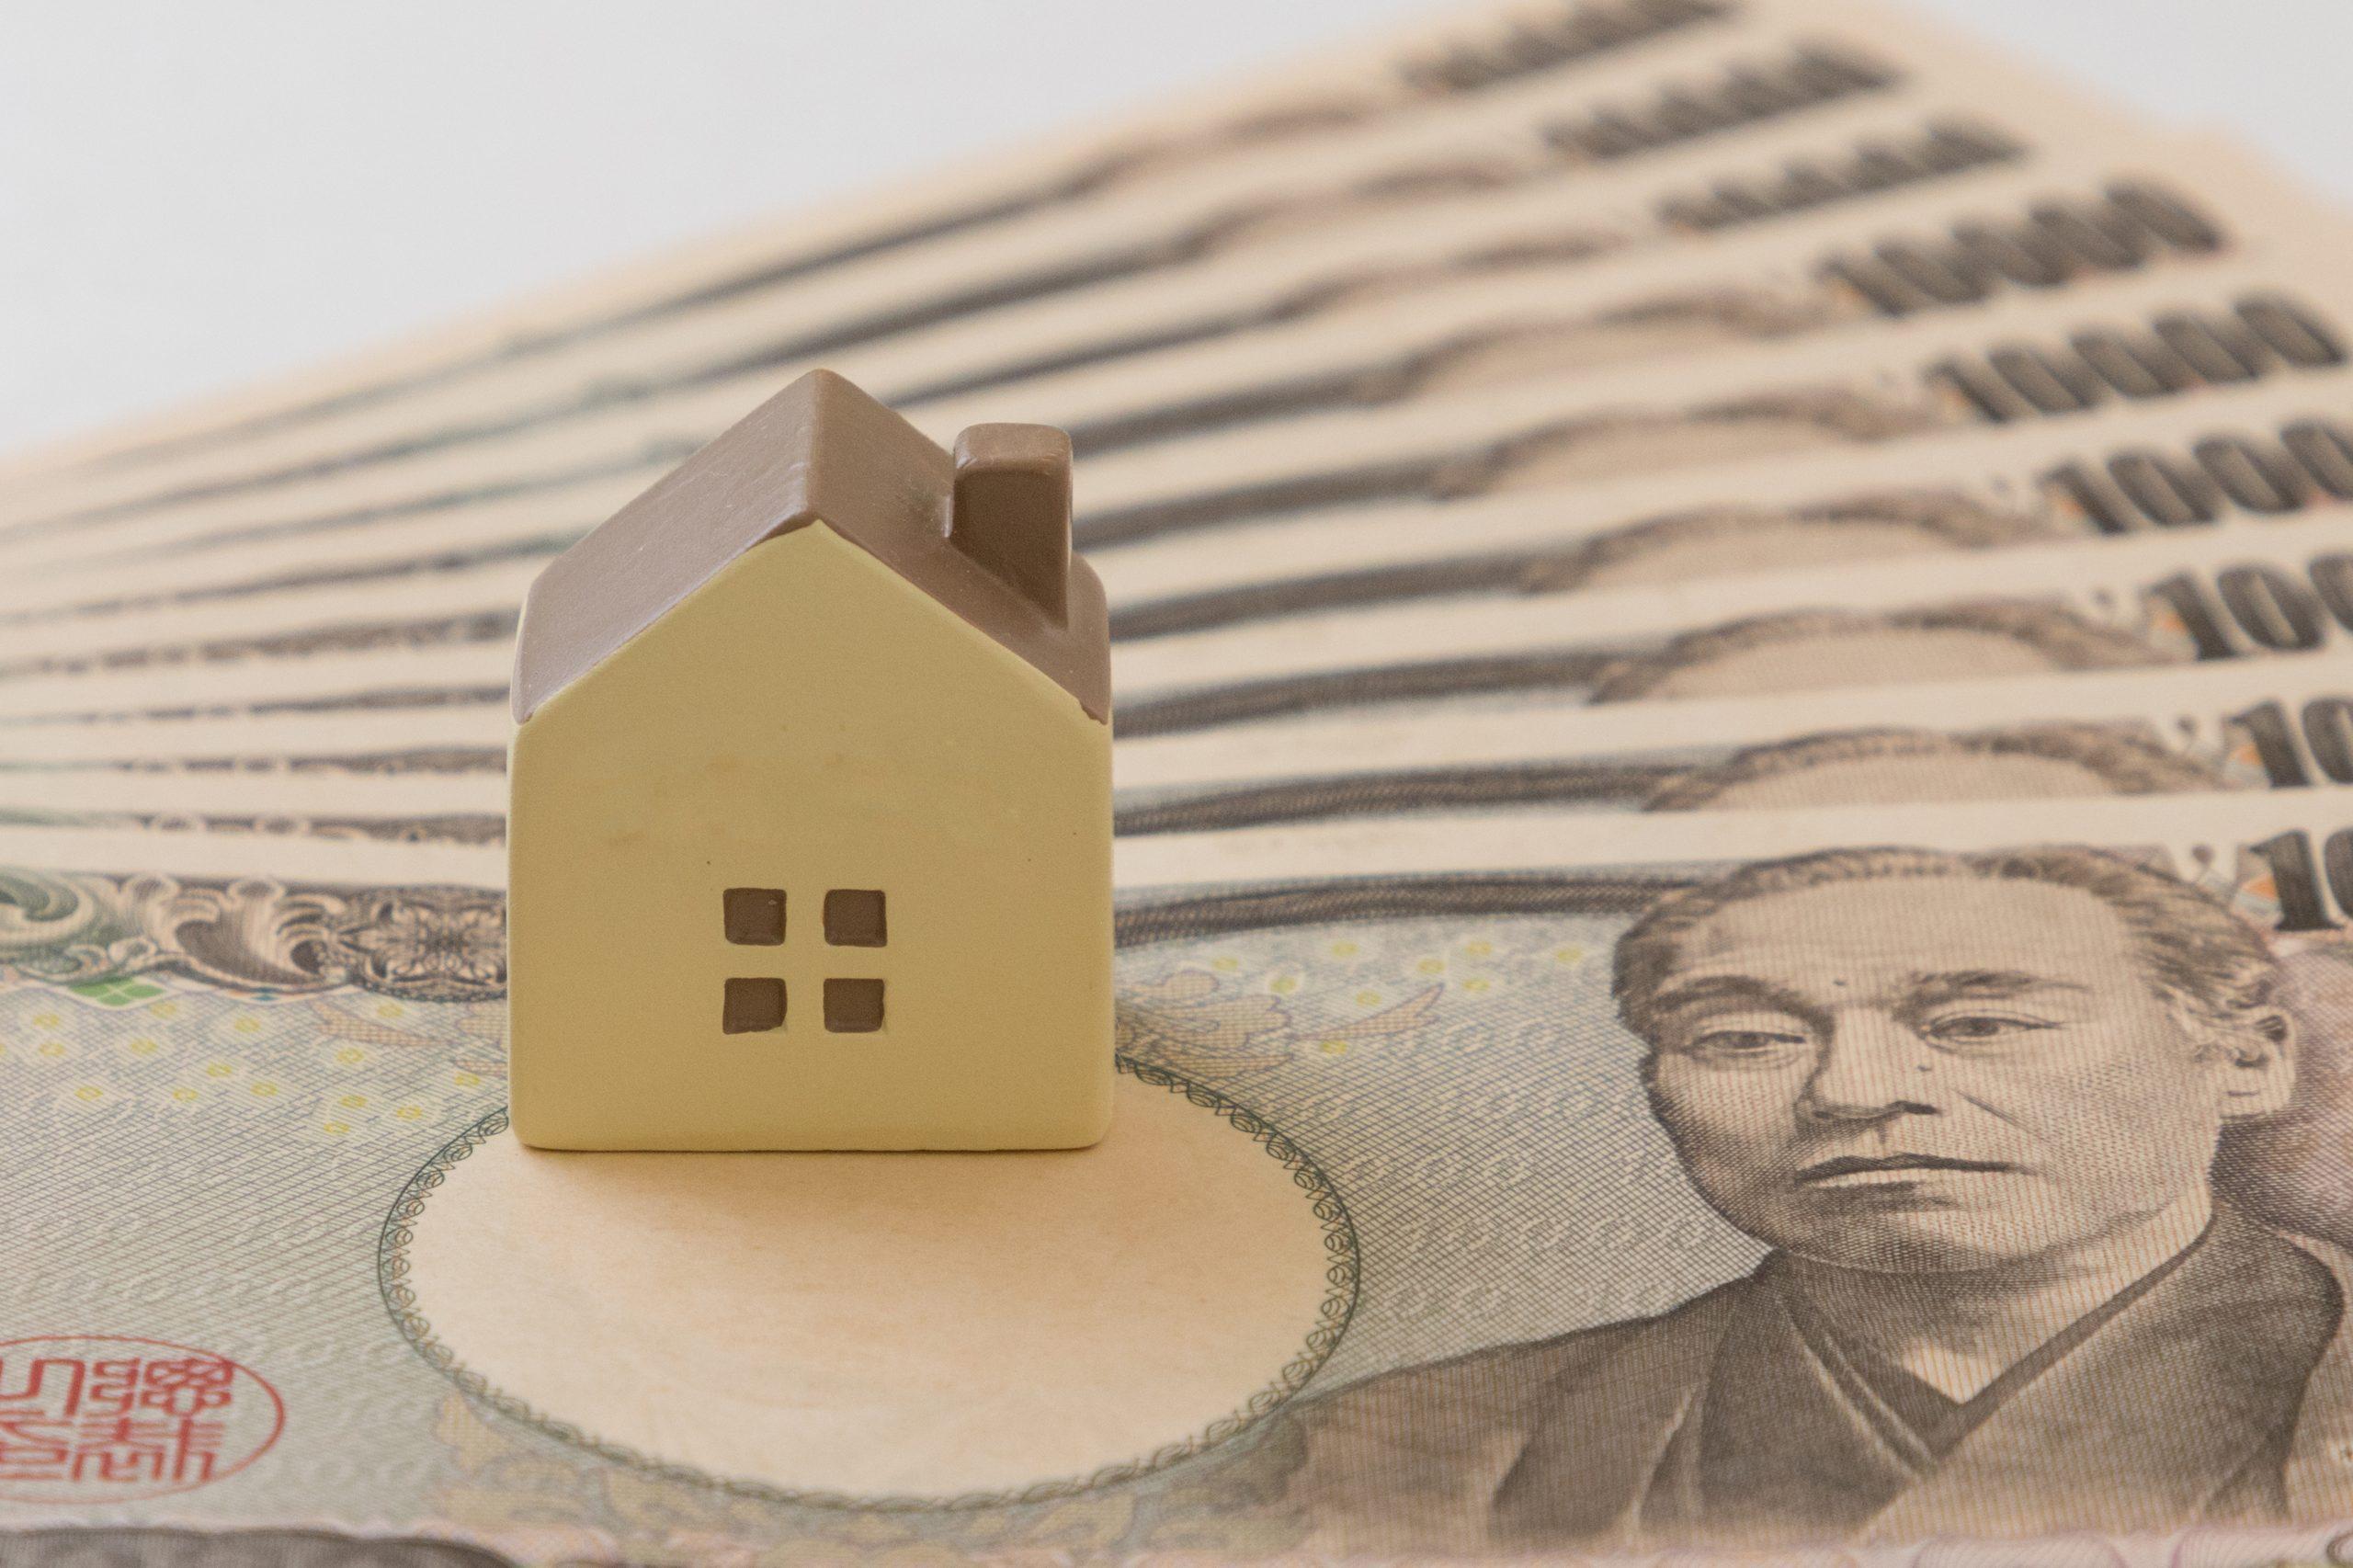 大分市で中古住宅を購入する際に使える補助金